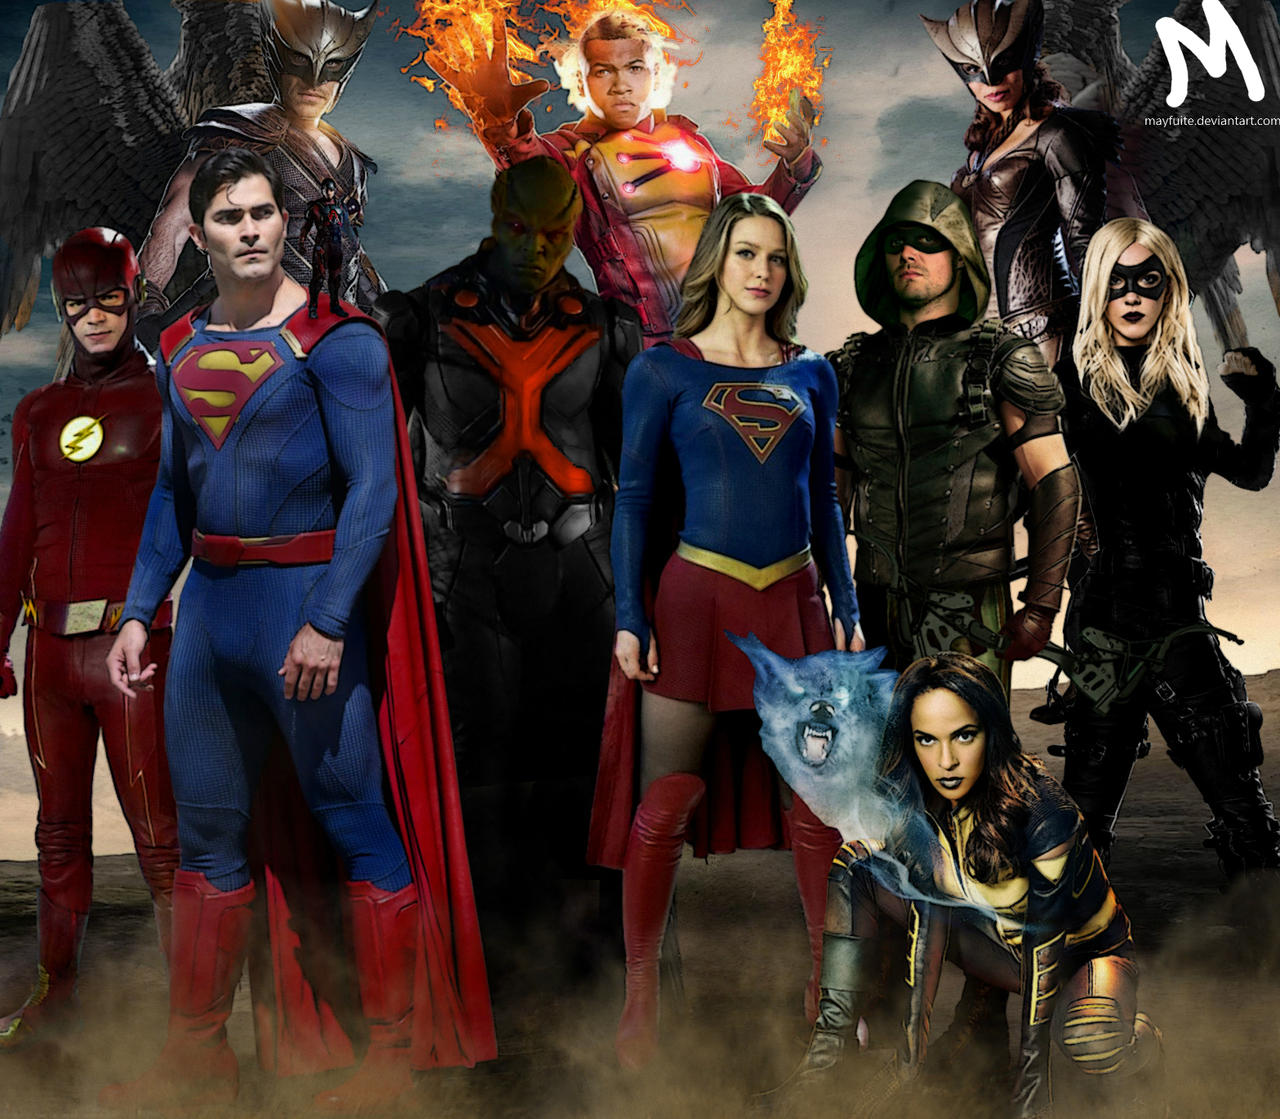 cw justice league - photo #1